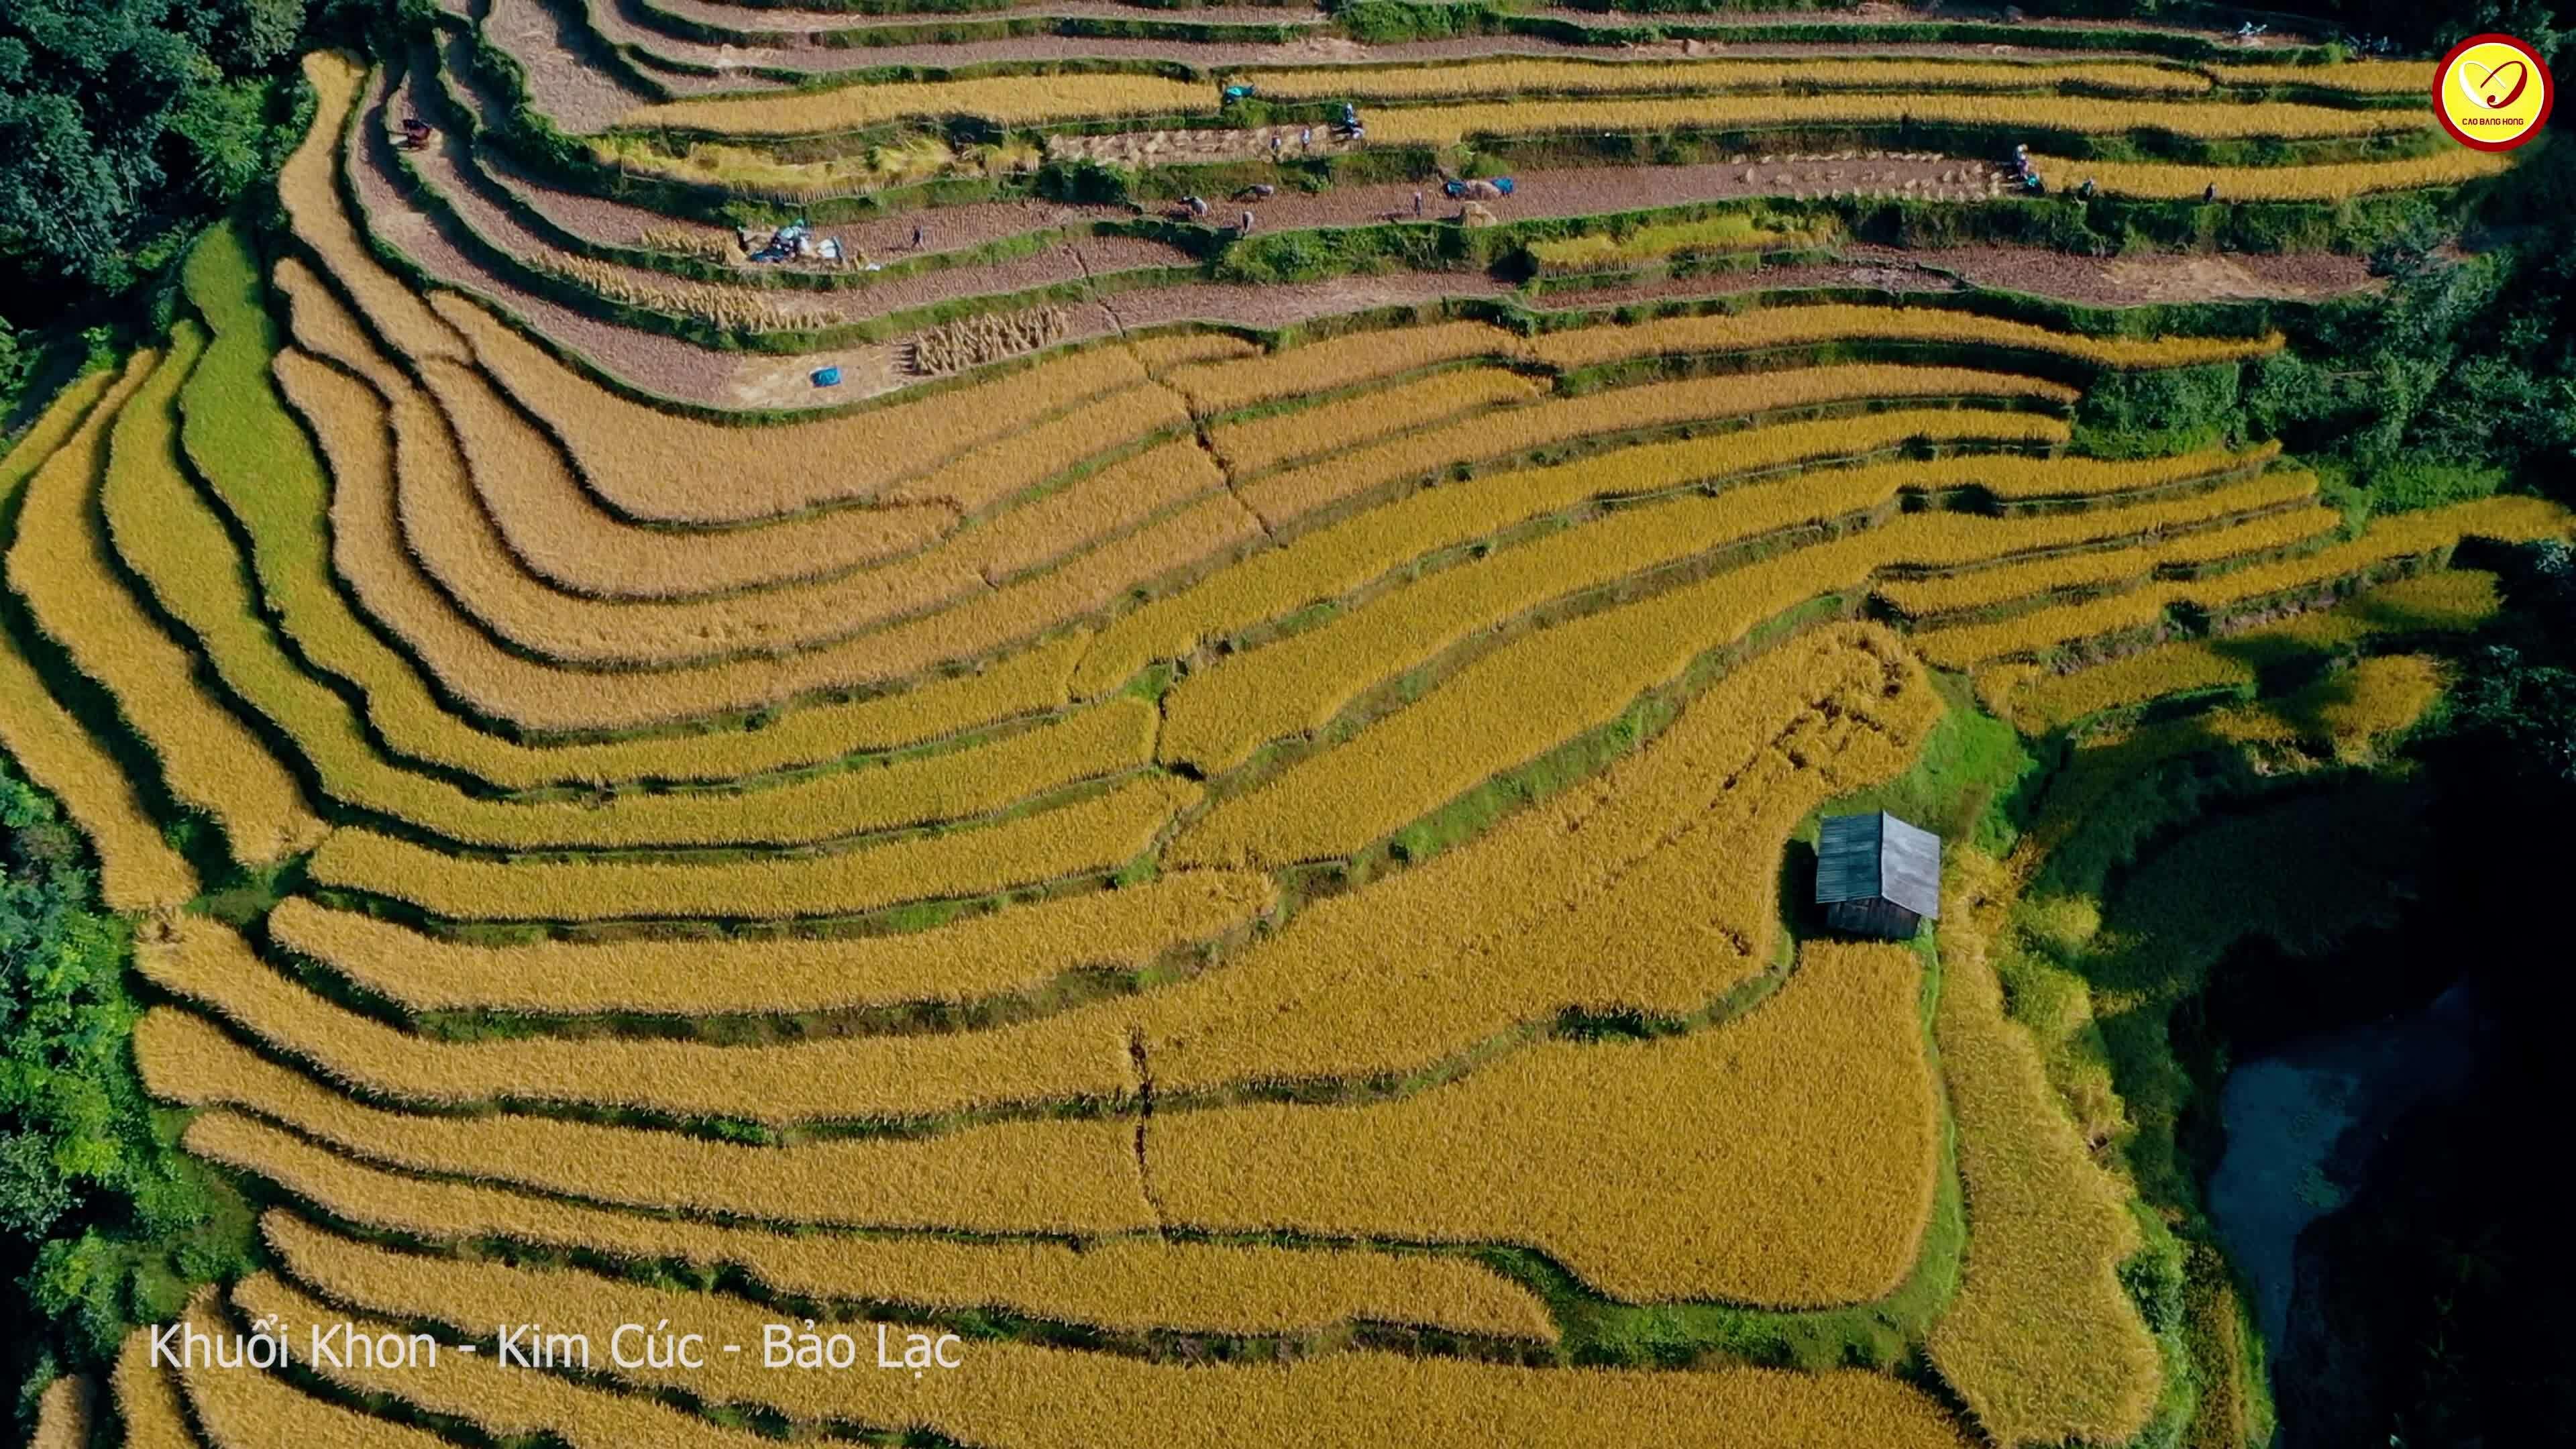 Mùa vàng Cao Bằng đẹp như tranh